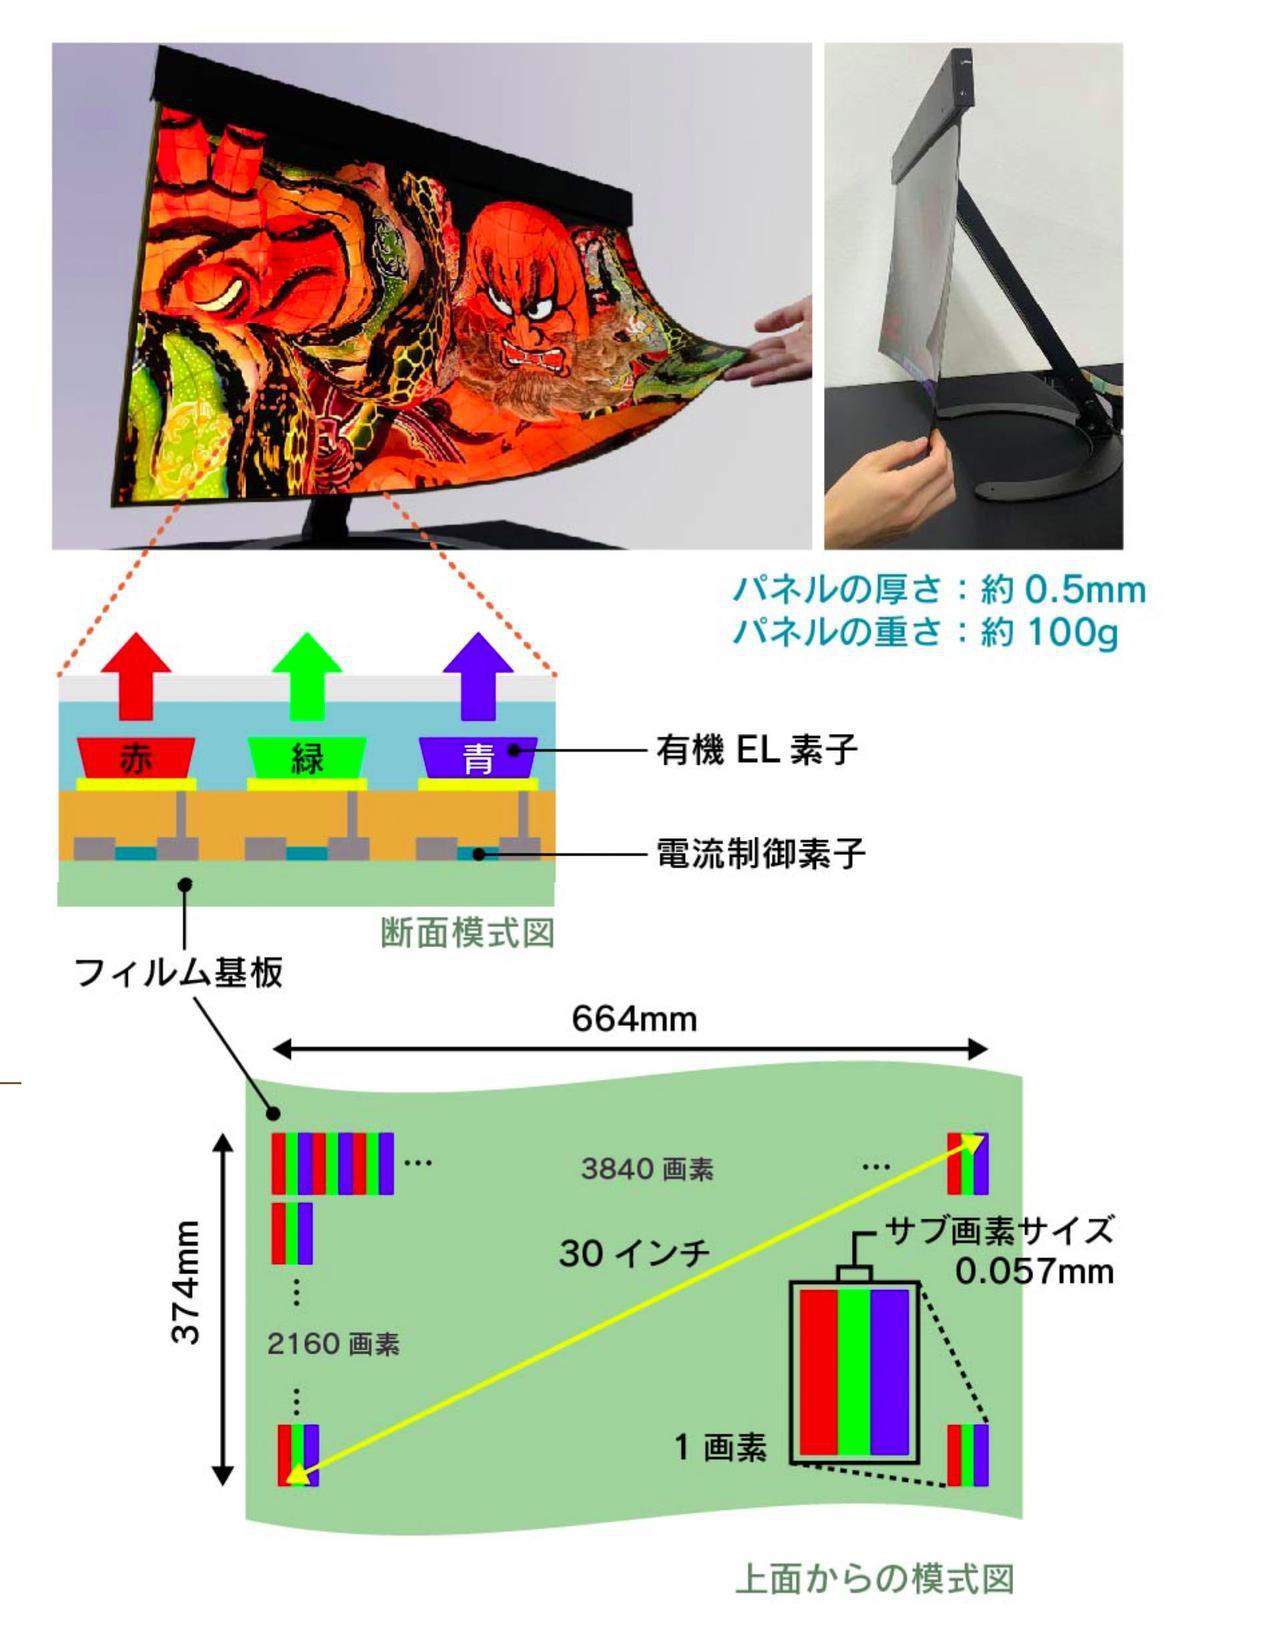 画像: 技研公開のオンラインサイトで紹介されている、没入型VRディスプレーの解説